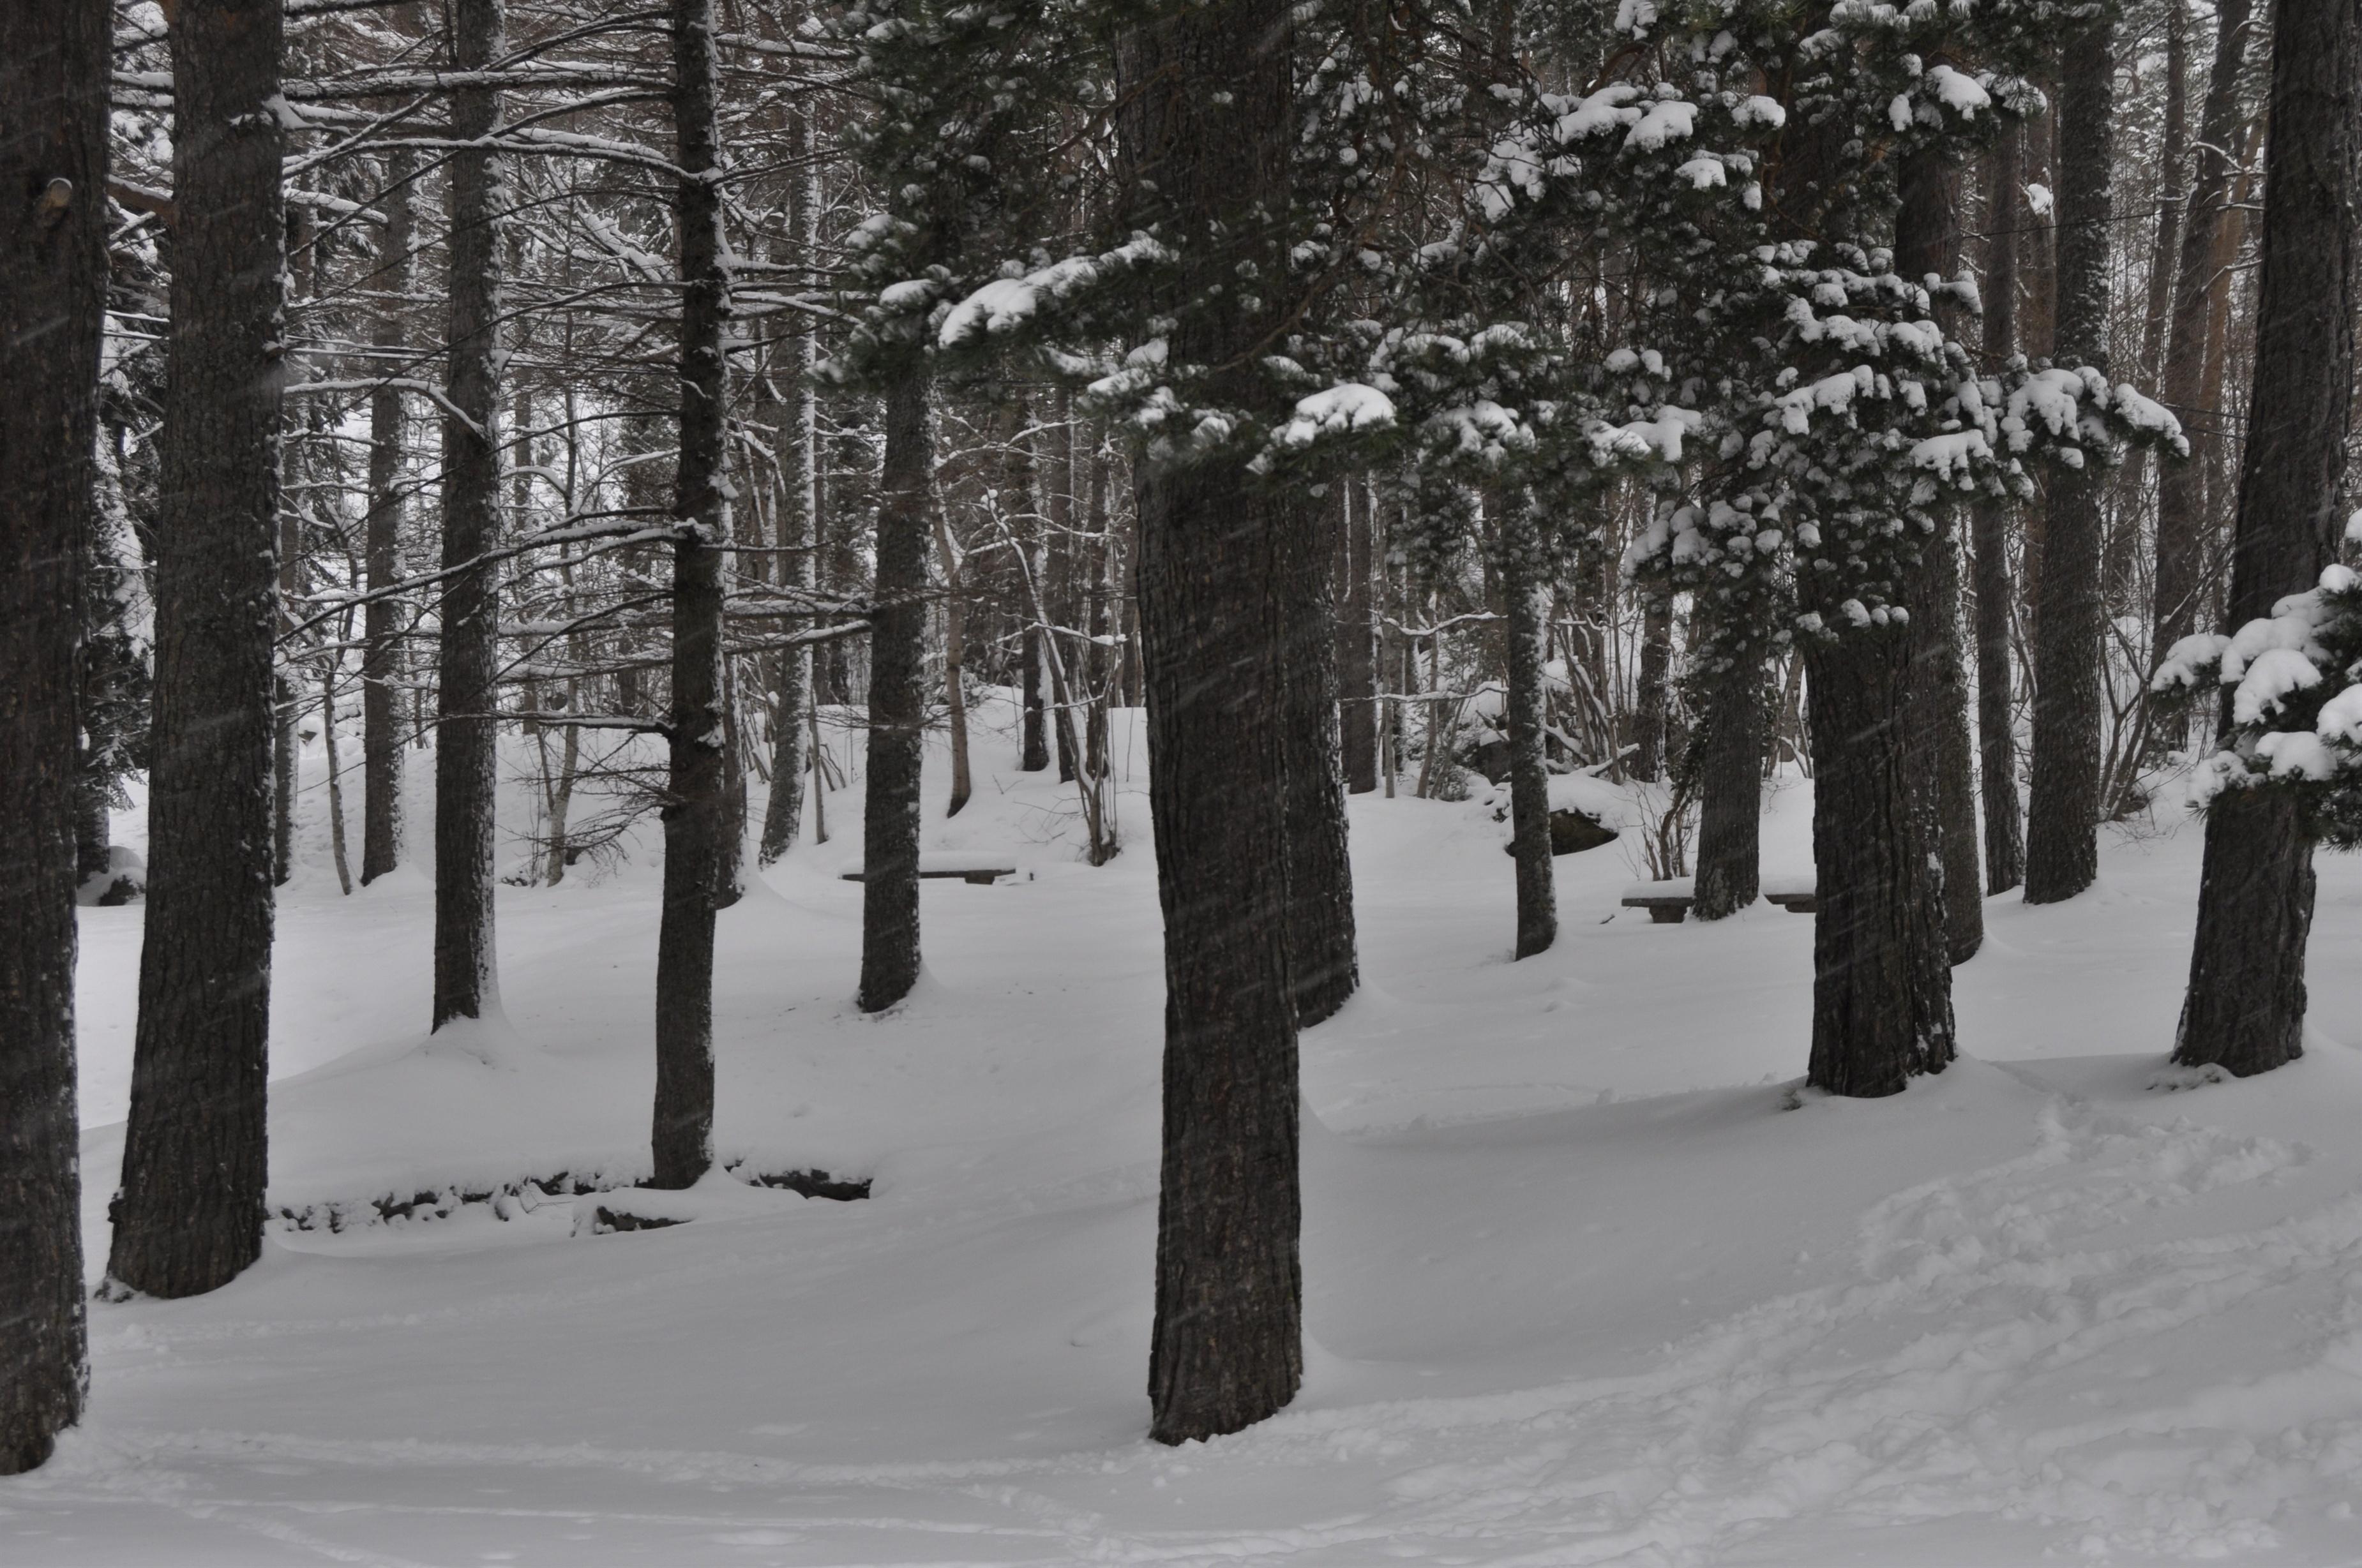 Alerta naranja por nevadas, vientos, aludes y deshielos